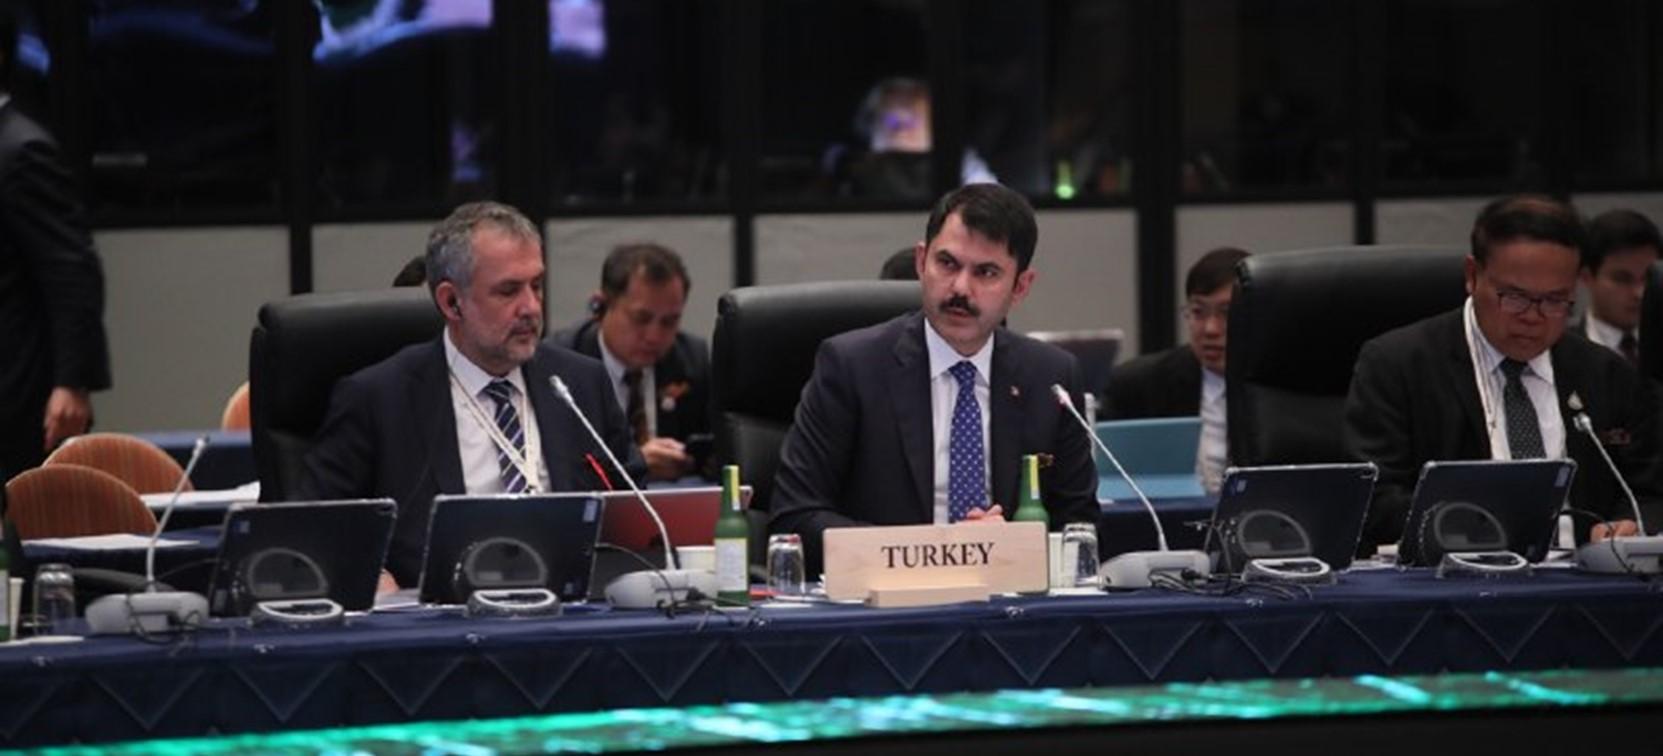 Bakan Kurum, G20 Zirvesinde Çağrılarda Bulundu